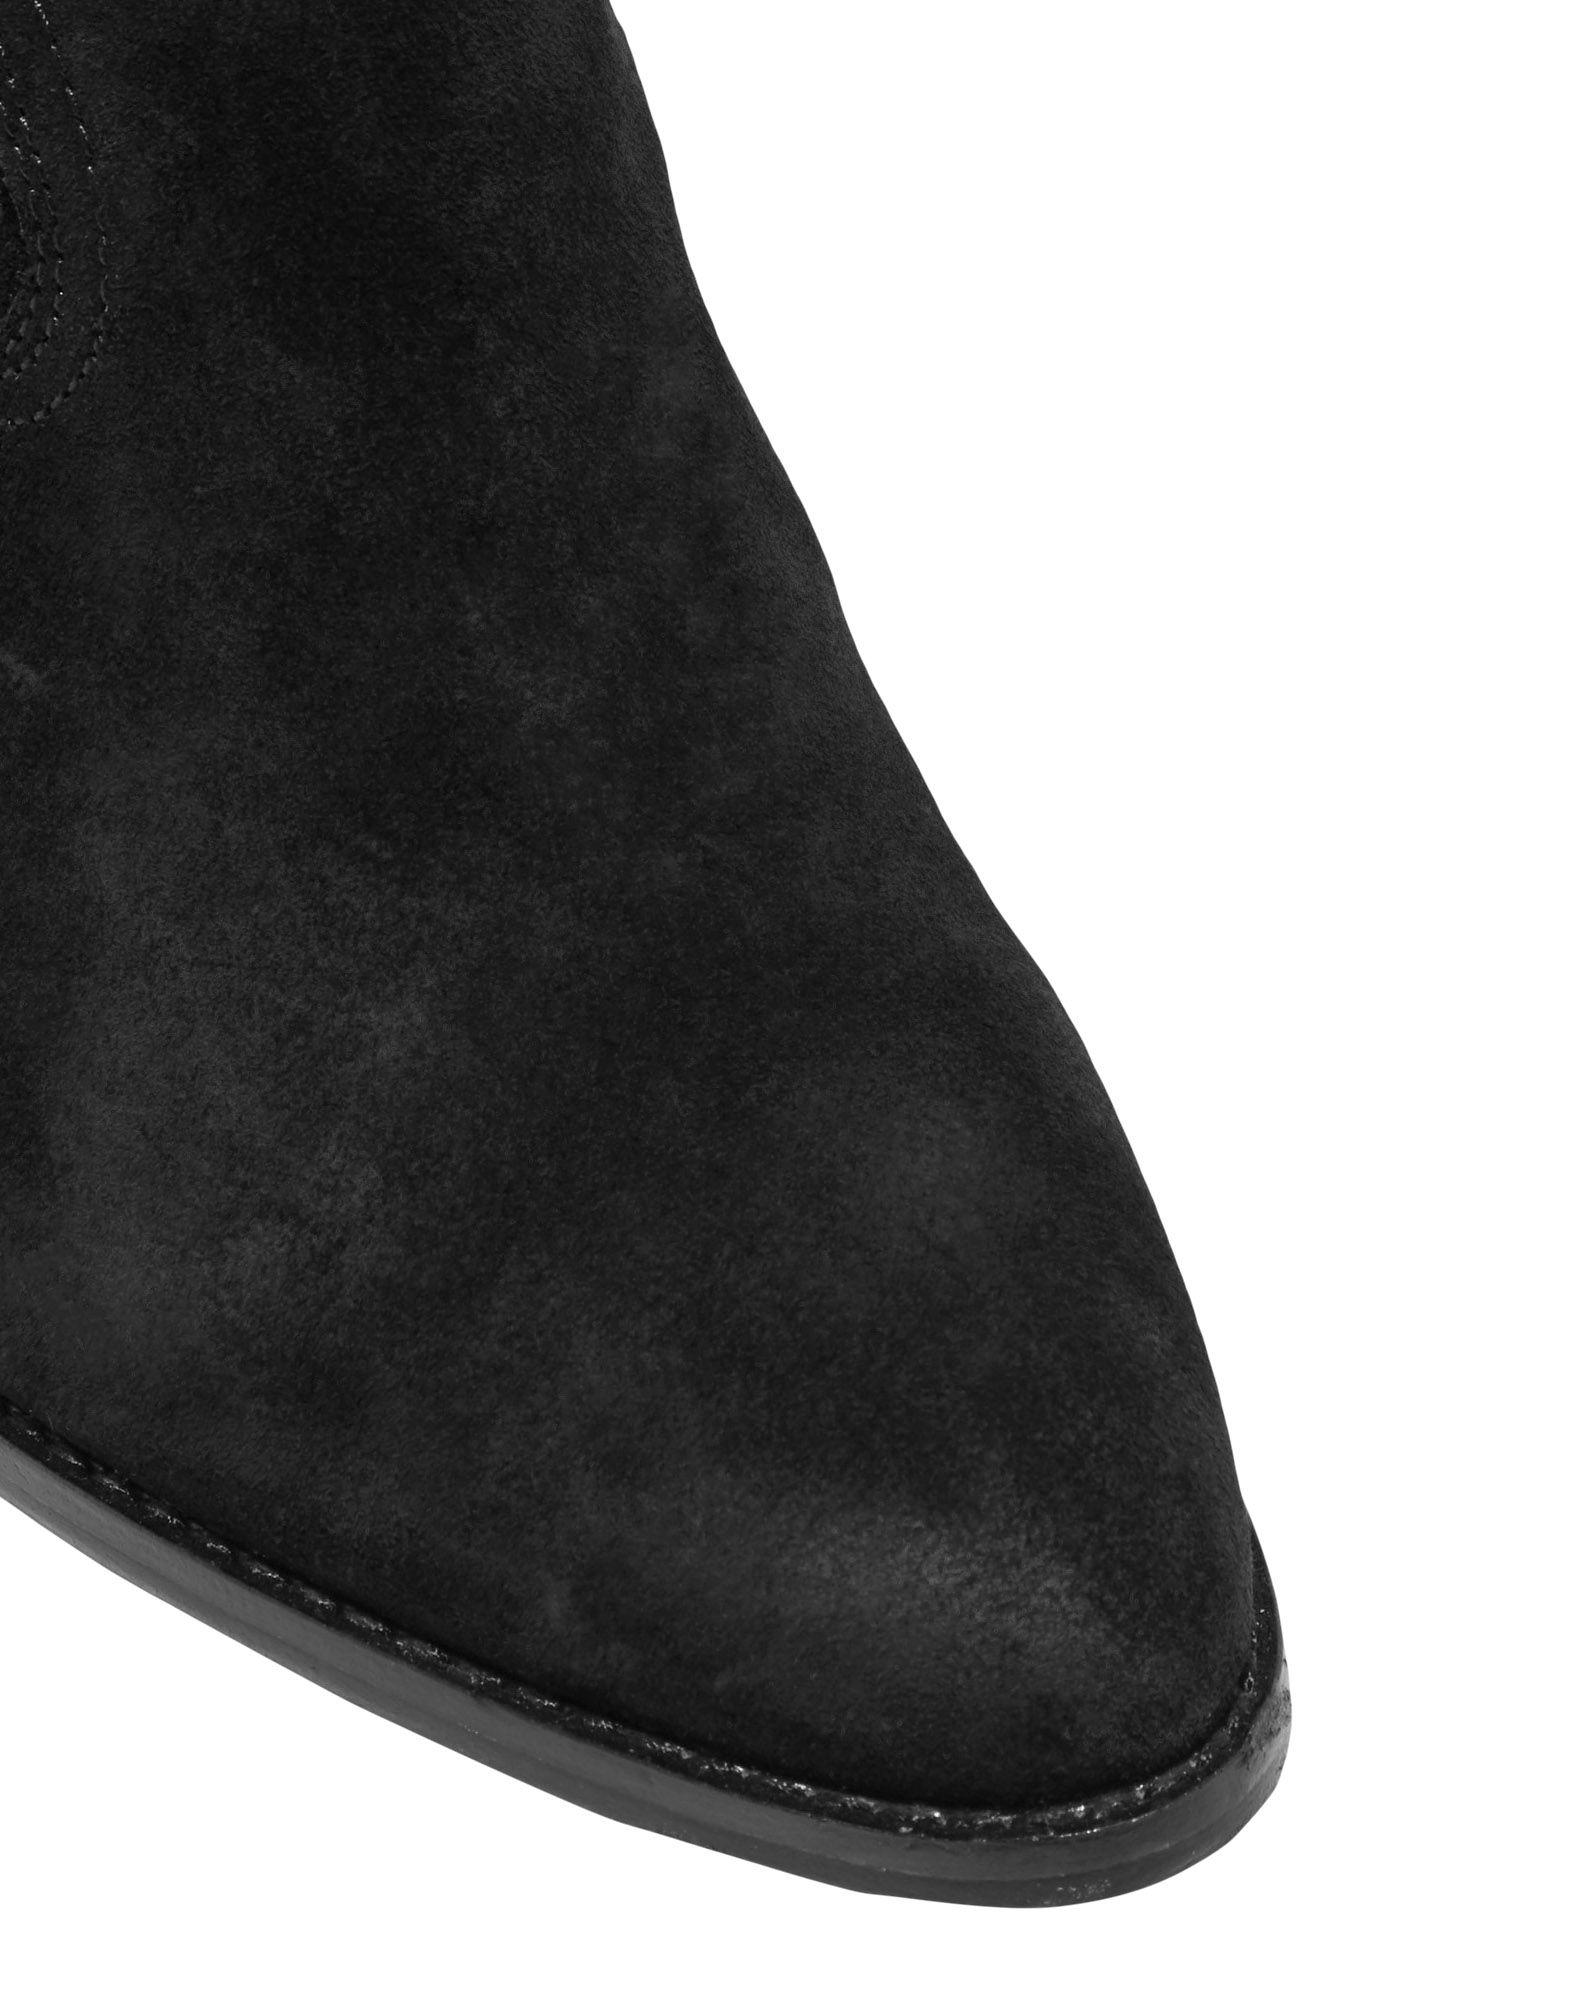 Ash Stiefel Damen  11518018MBGut Schuhe aussehende strapazierfähige Schuhe 11518018MBGut 5d2c03